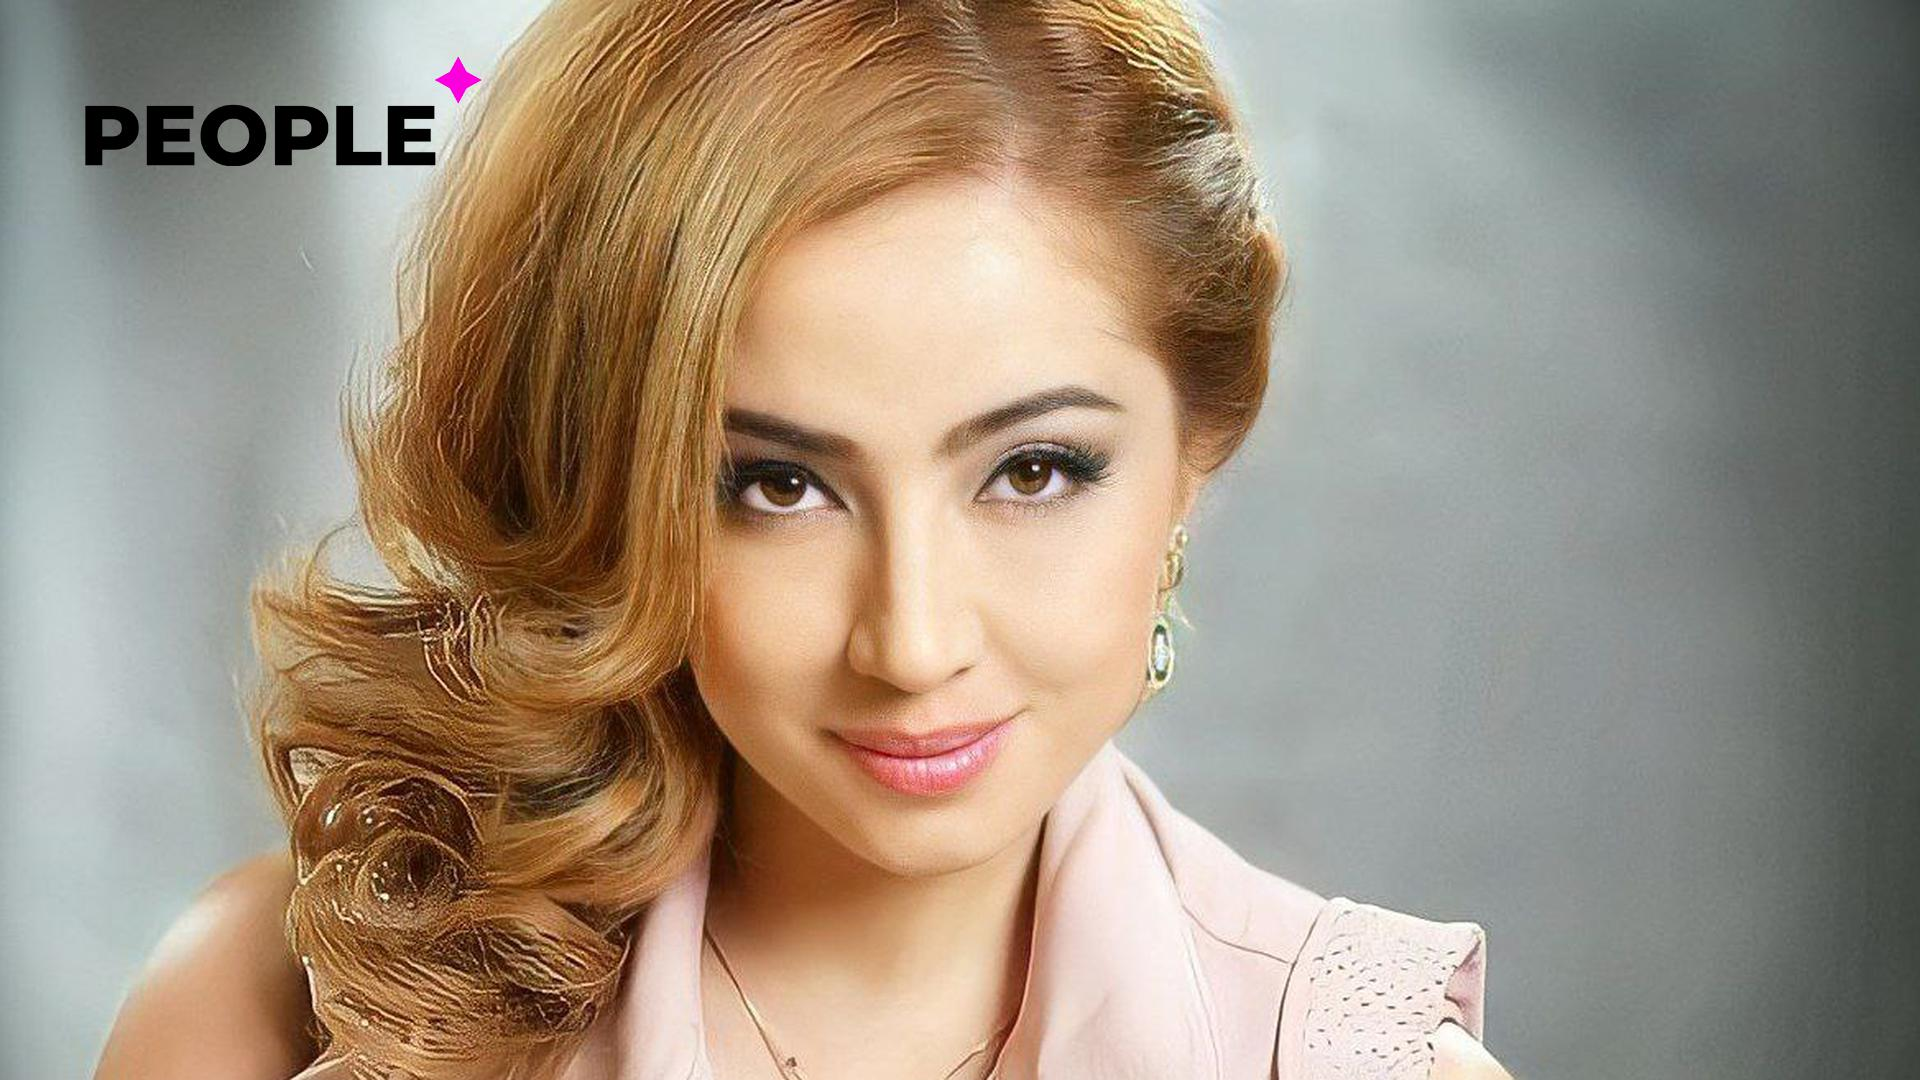 Фанатка напала на певицу Севинч во время её концерта в Таджикистане – видео